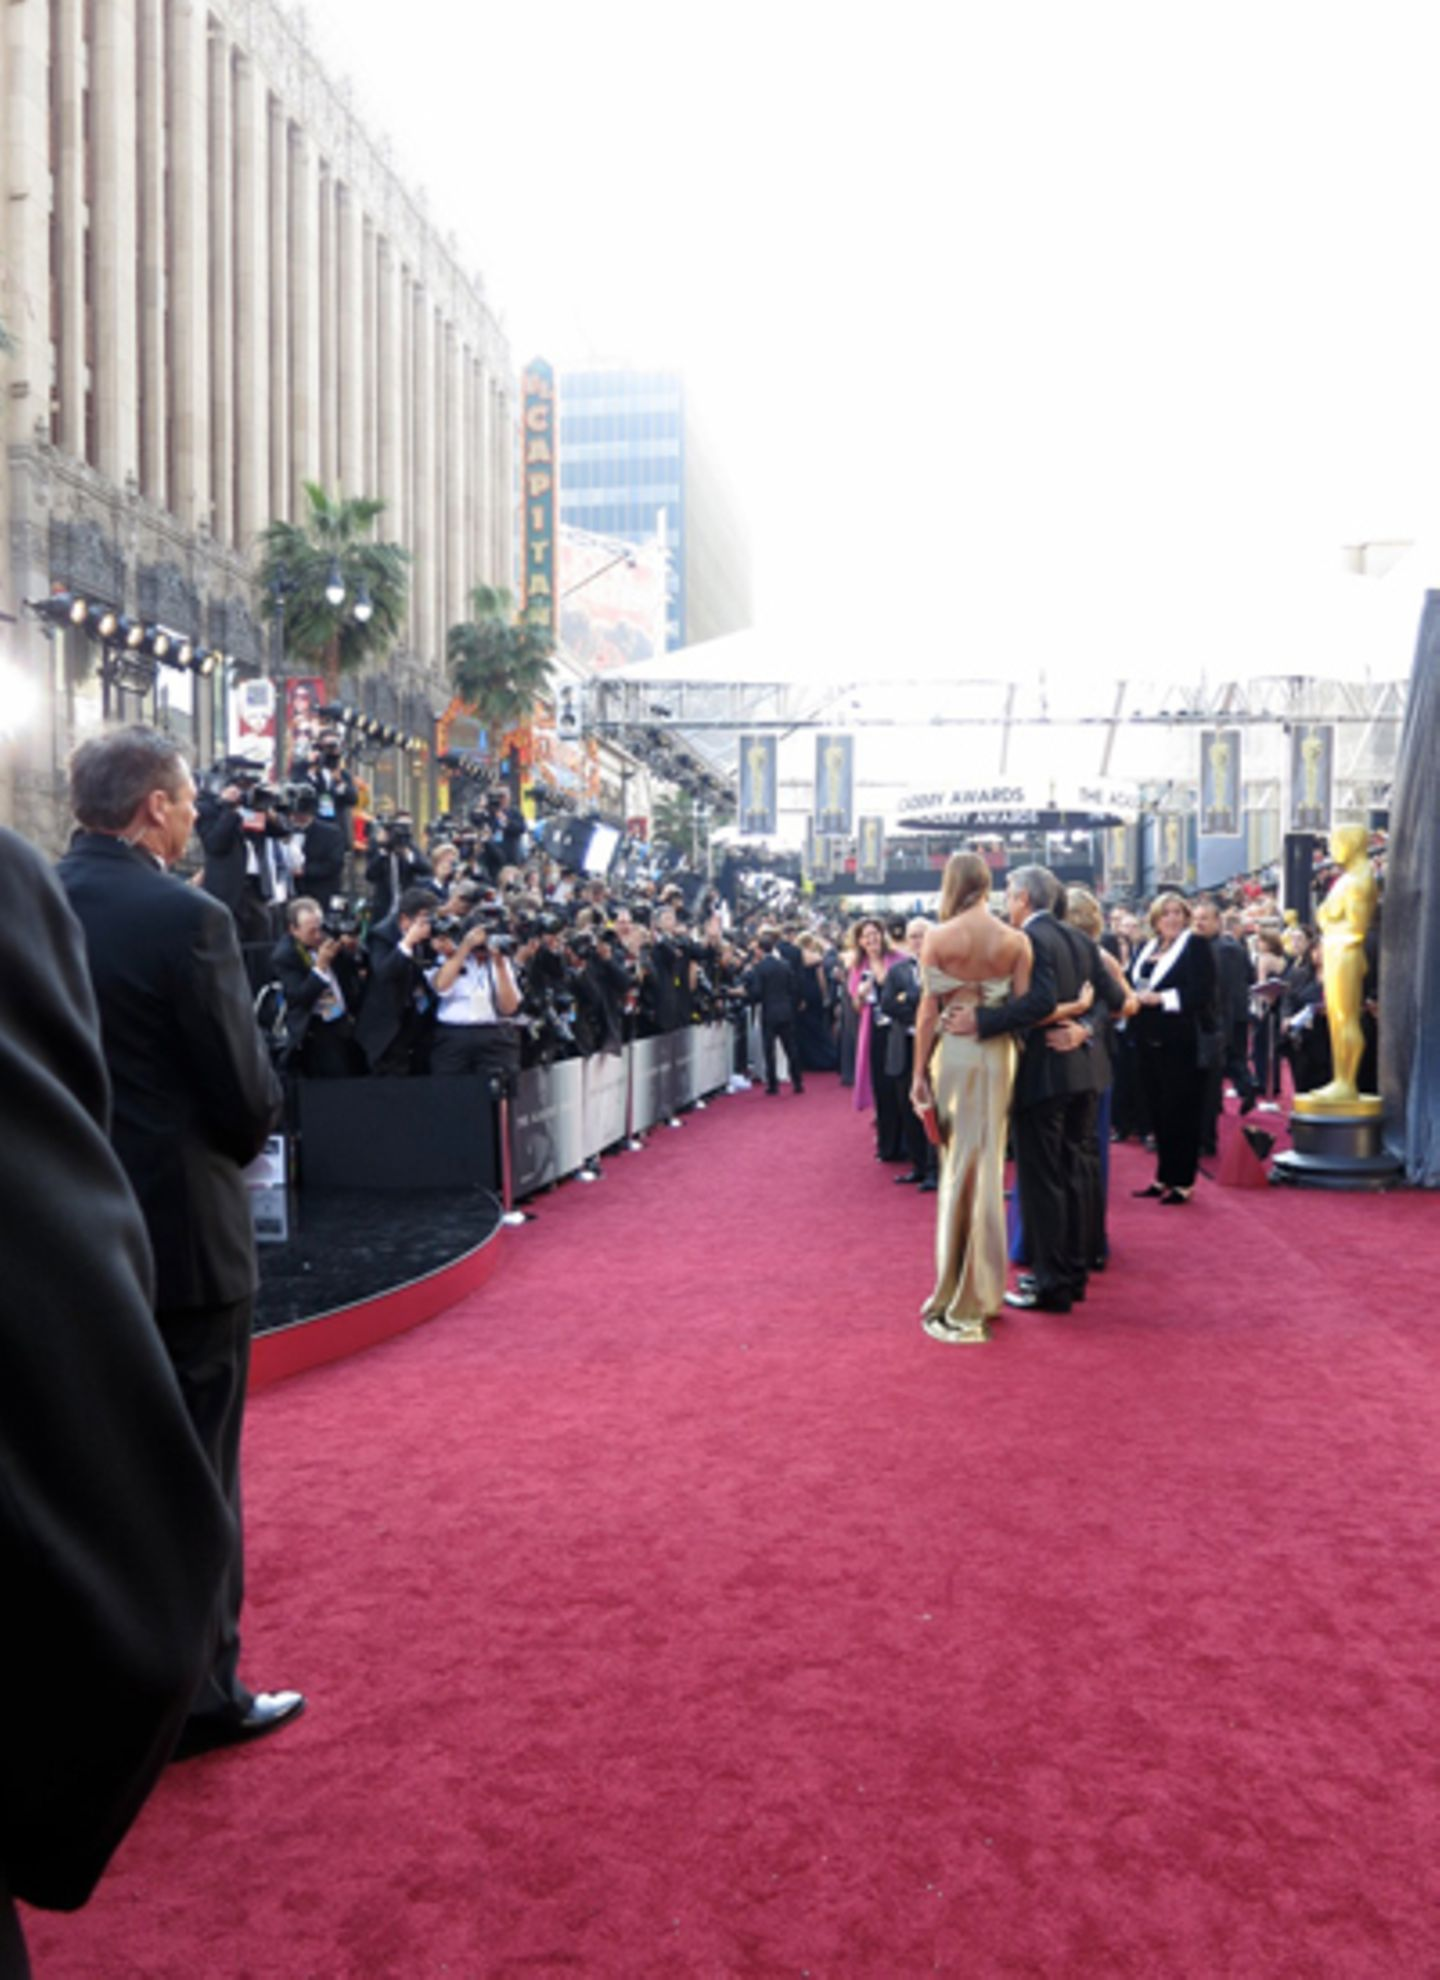 Hello, George! Auf dem roten Teppich sind wir hinter George Clooney und seiner Freundin Stacy Keibler gegangen. Aber der wurde l